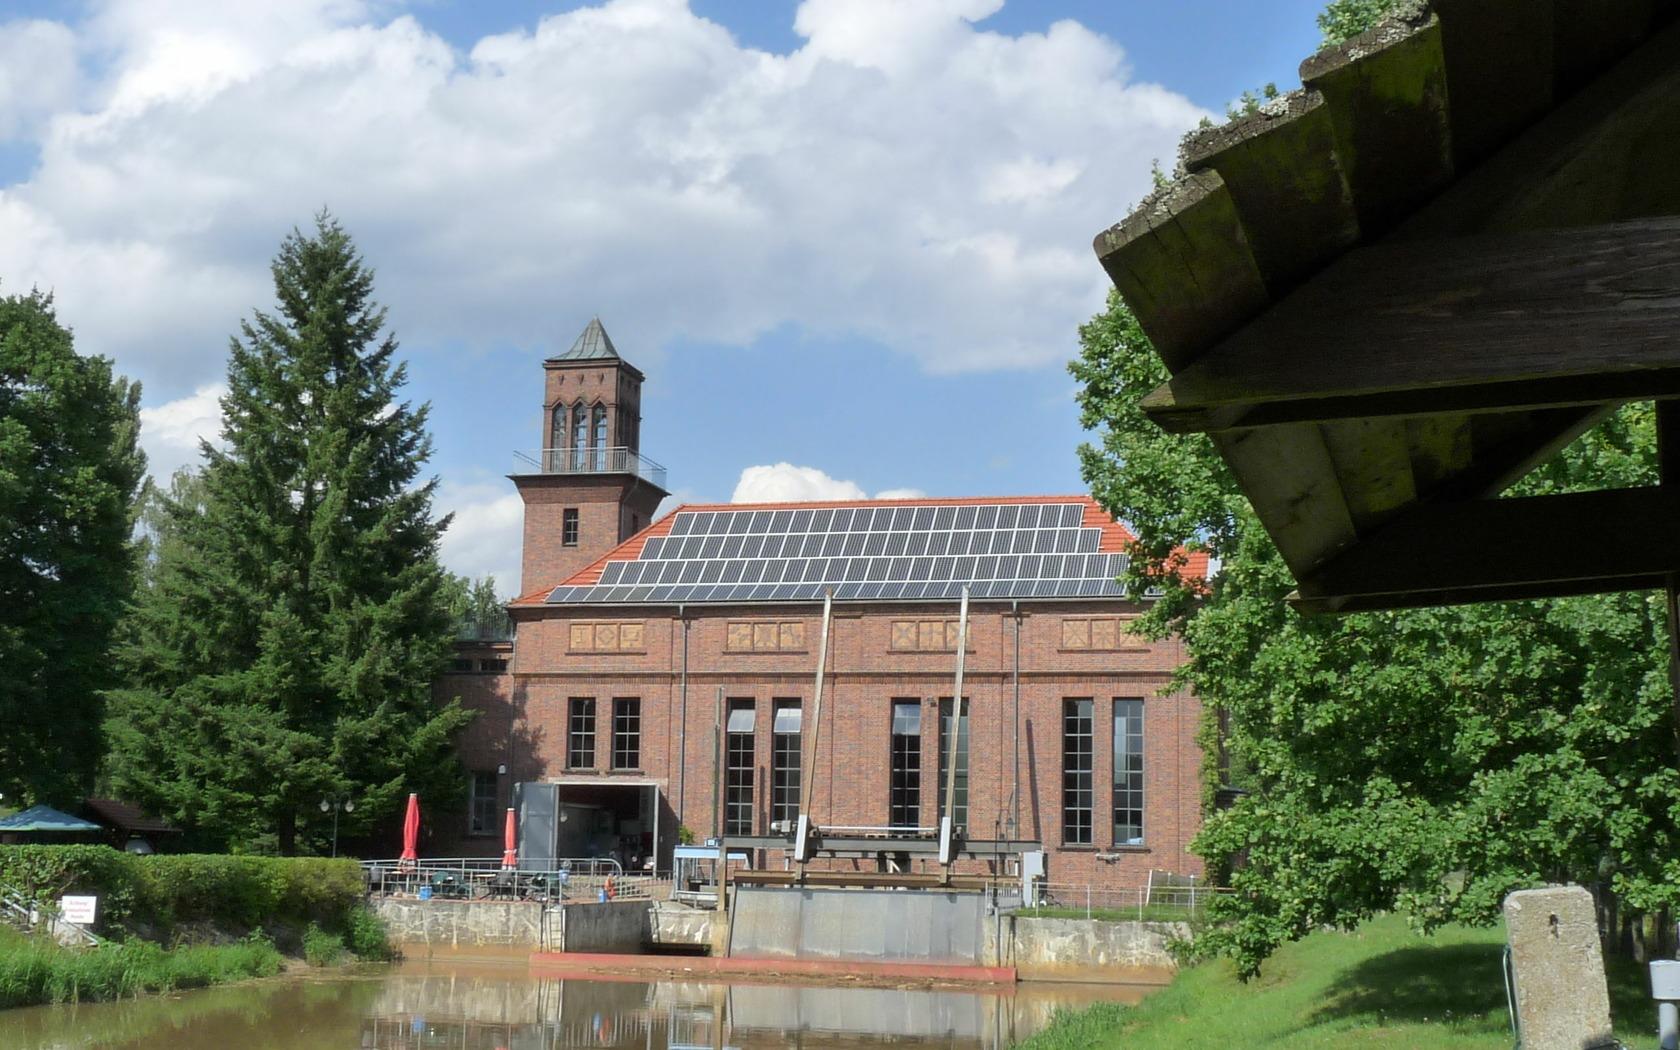 Wasserkraftwerk Grießen, Foto: P. Neumann - Tourismusverband Niederlausitz e.V.